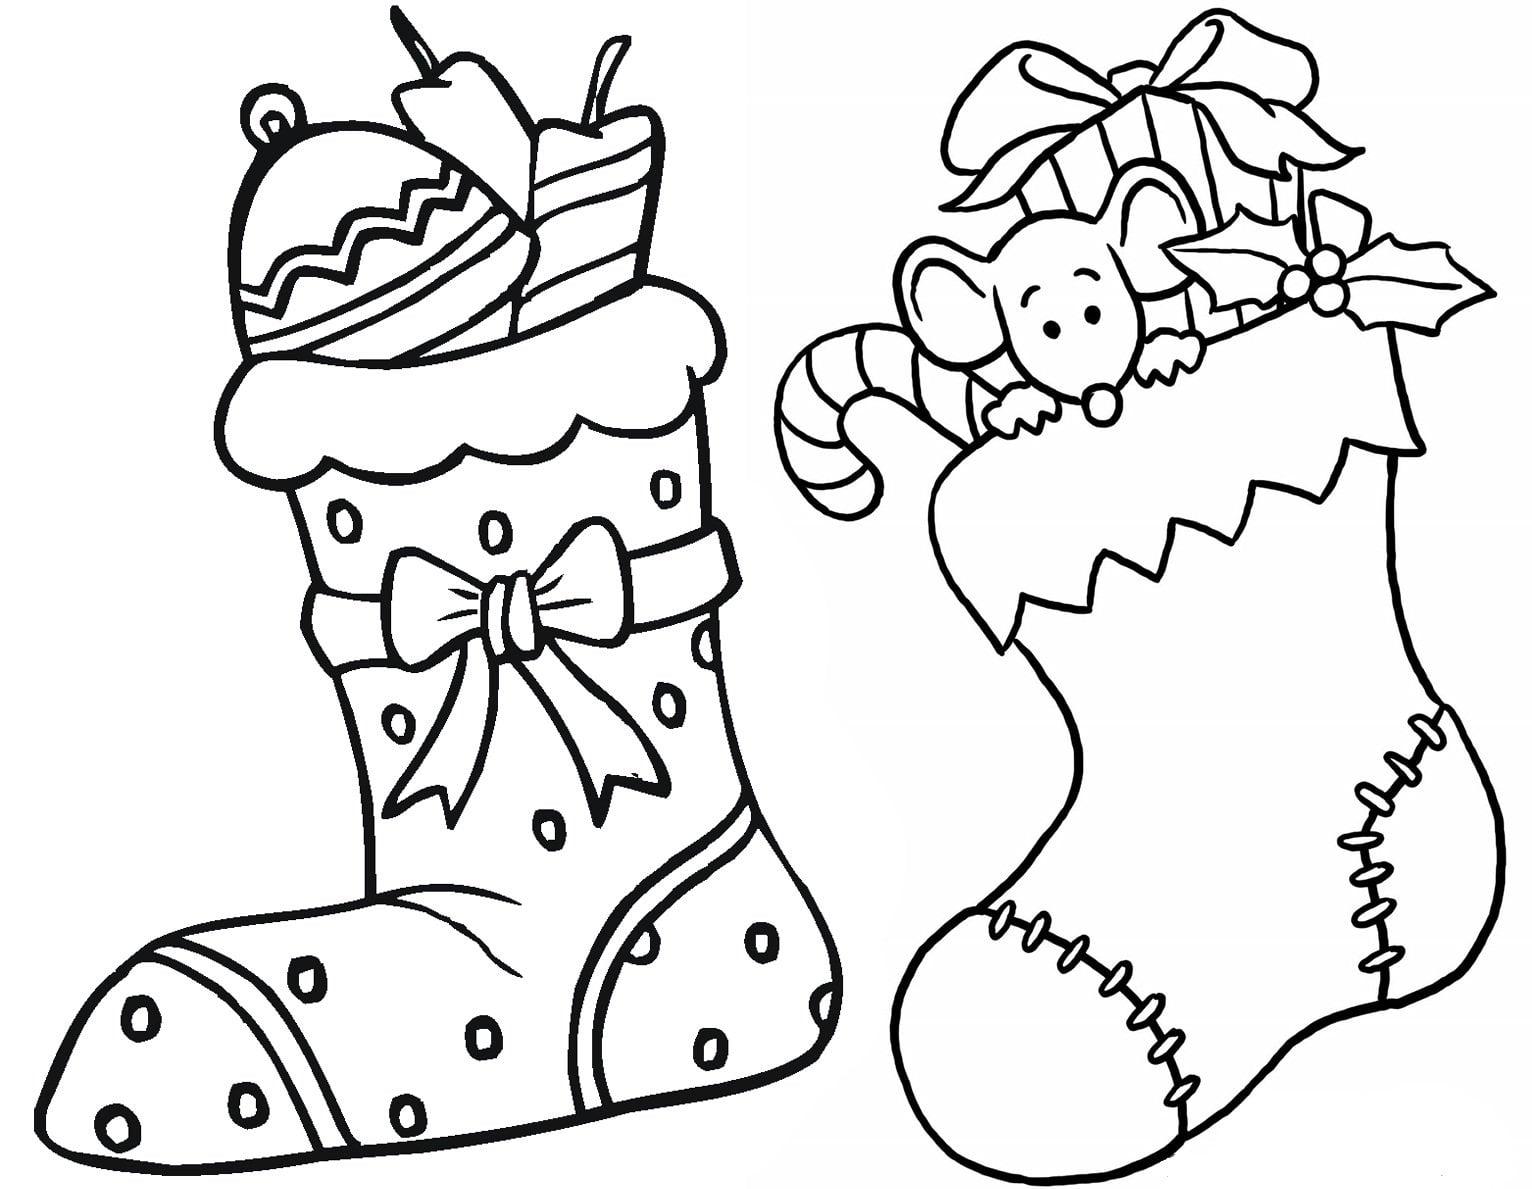 ▷▷Dibujosfaciles.es - Dibujos de Navidad para colorear